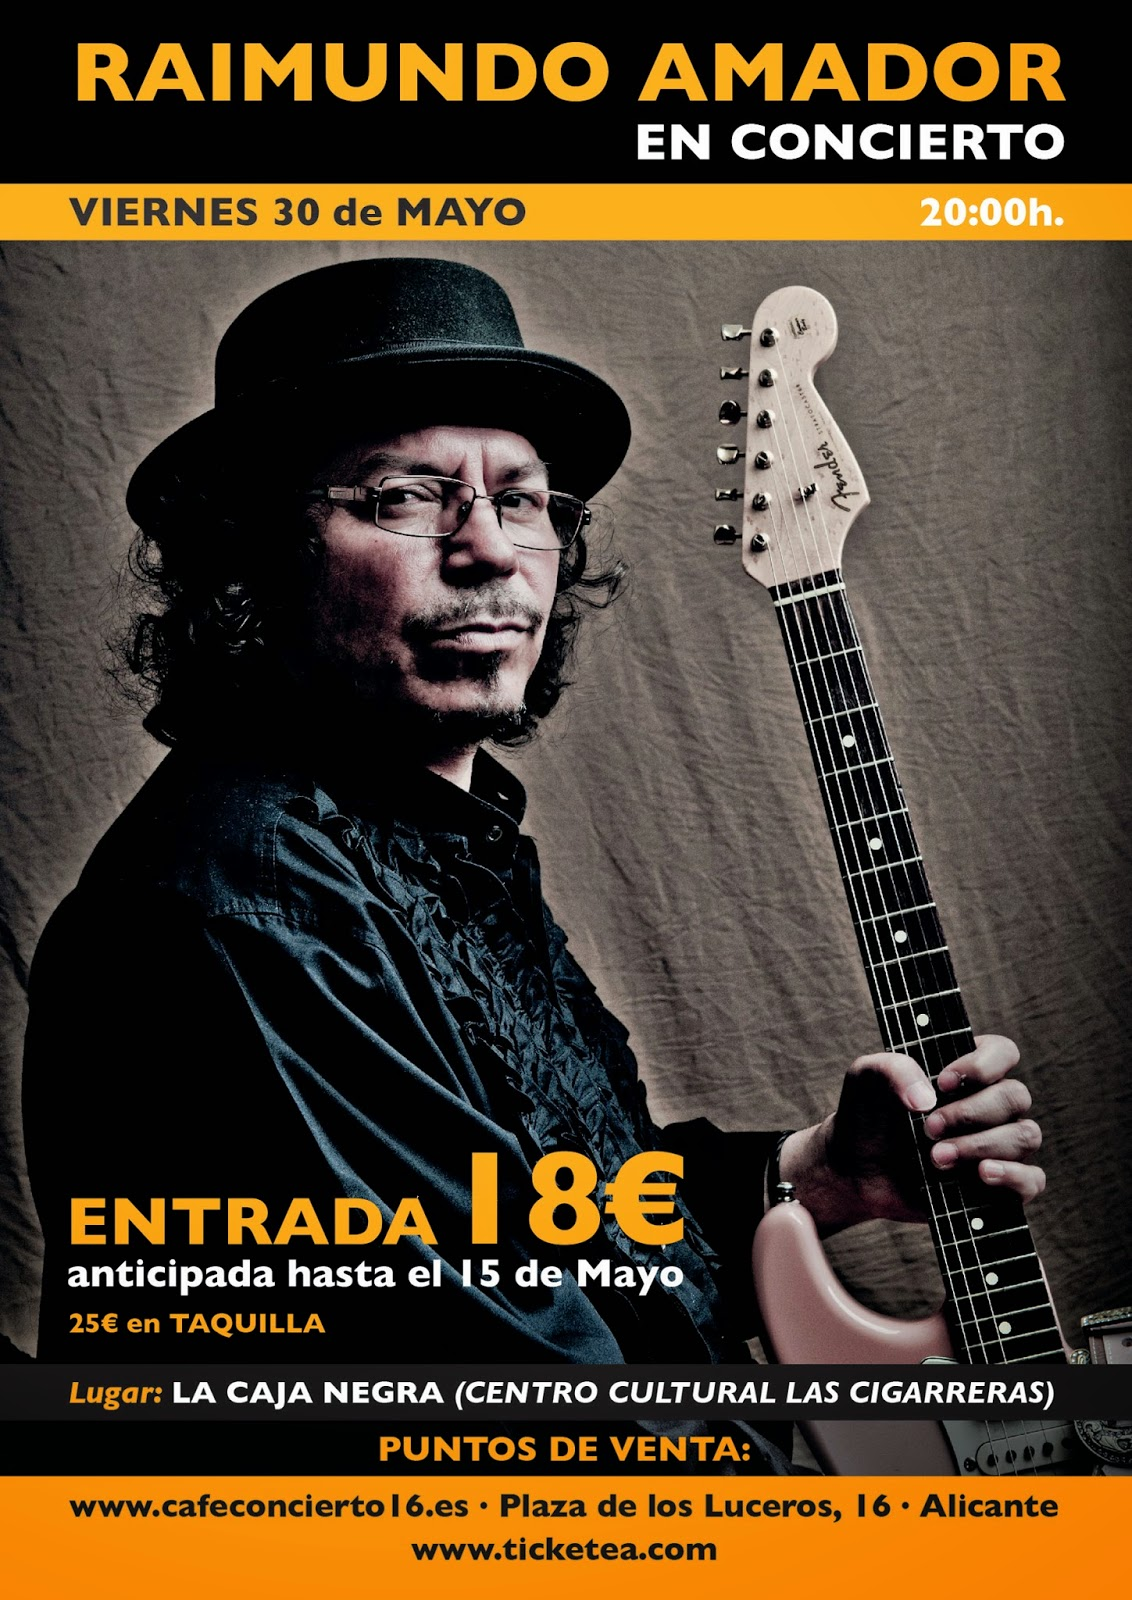 RAIMUNDO AMADOR en concierto los días 30 y 31 de Mayo en Alicante